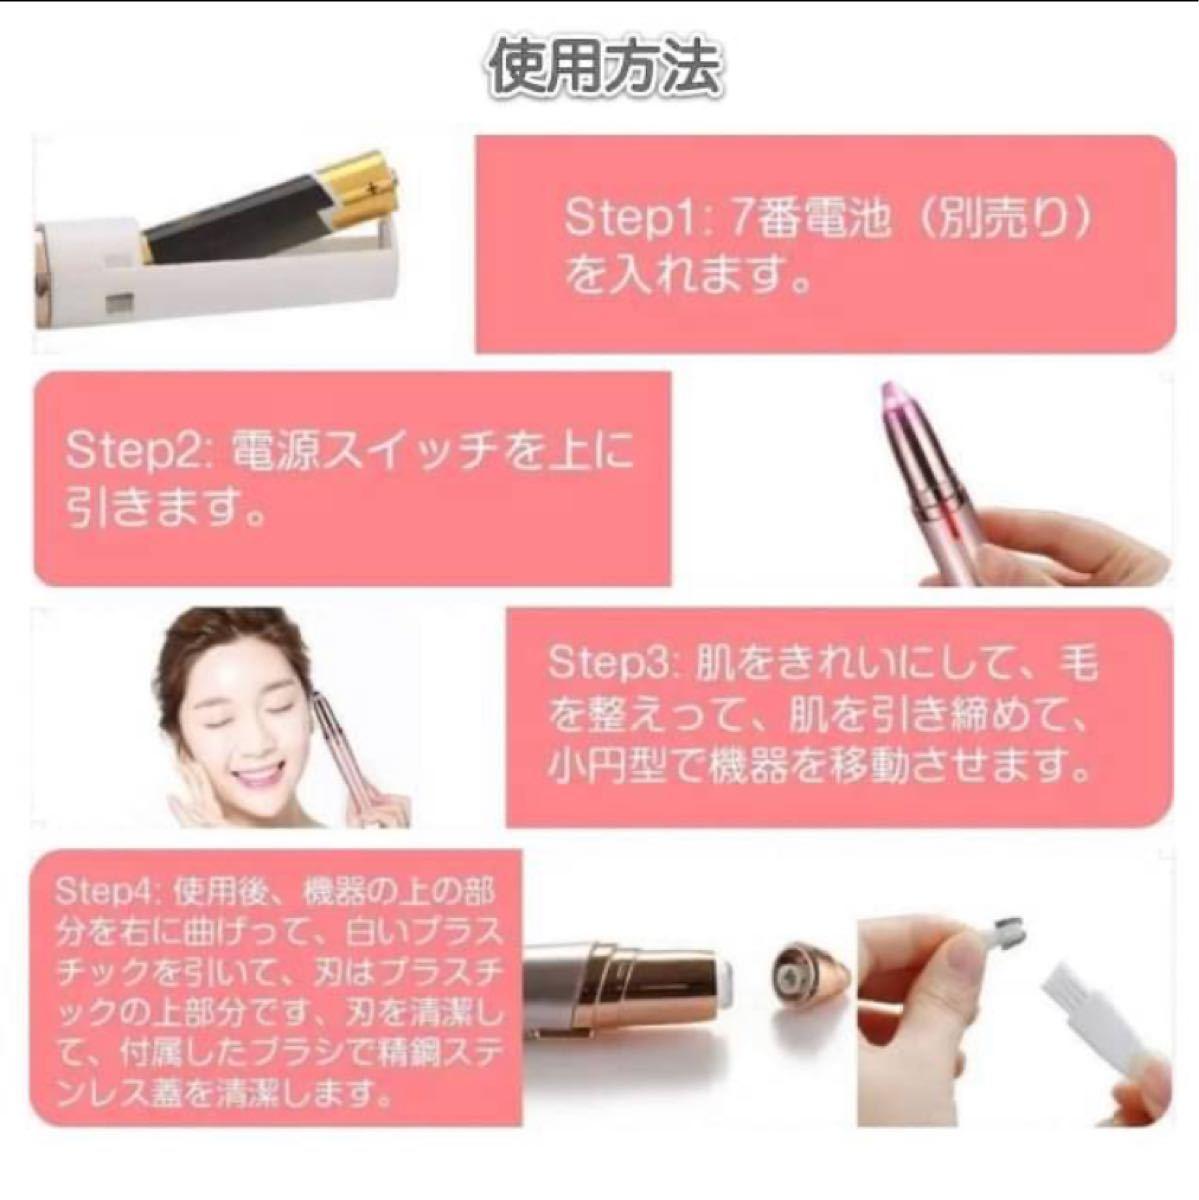 眉毛シェーバー 電気シェーバー 眉毛カッター フェイスシェーバー 乾電池式